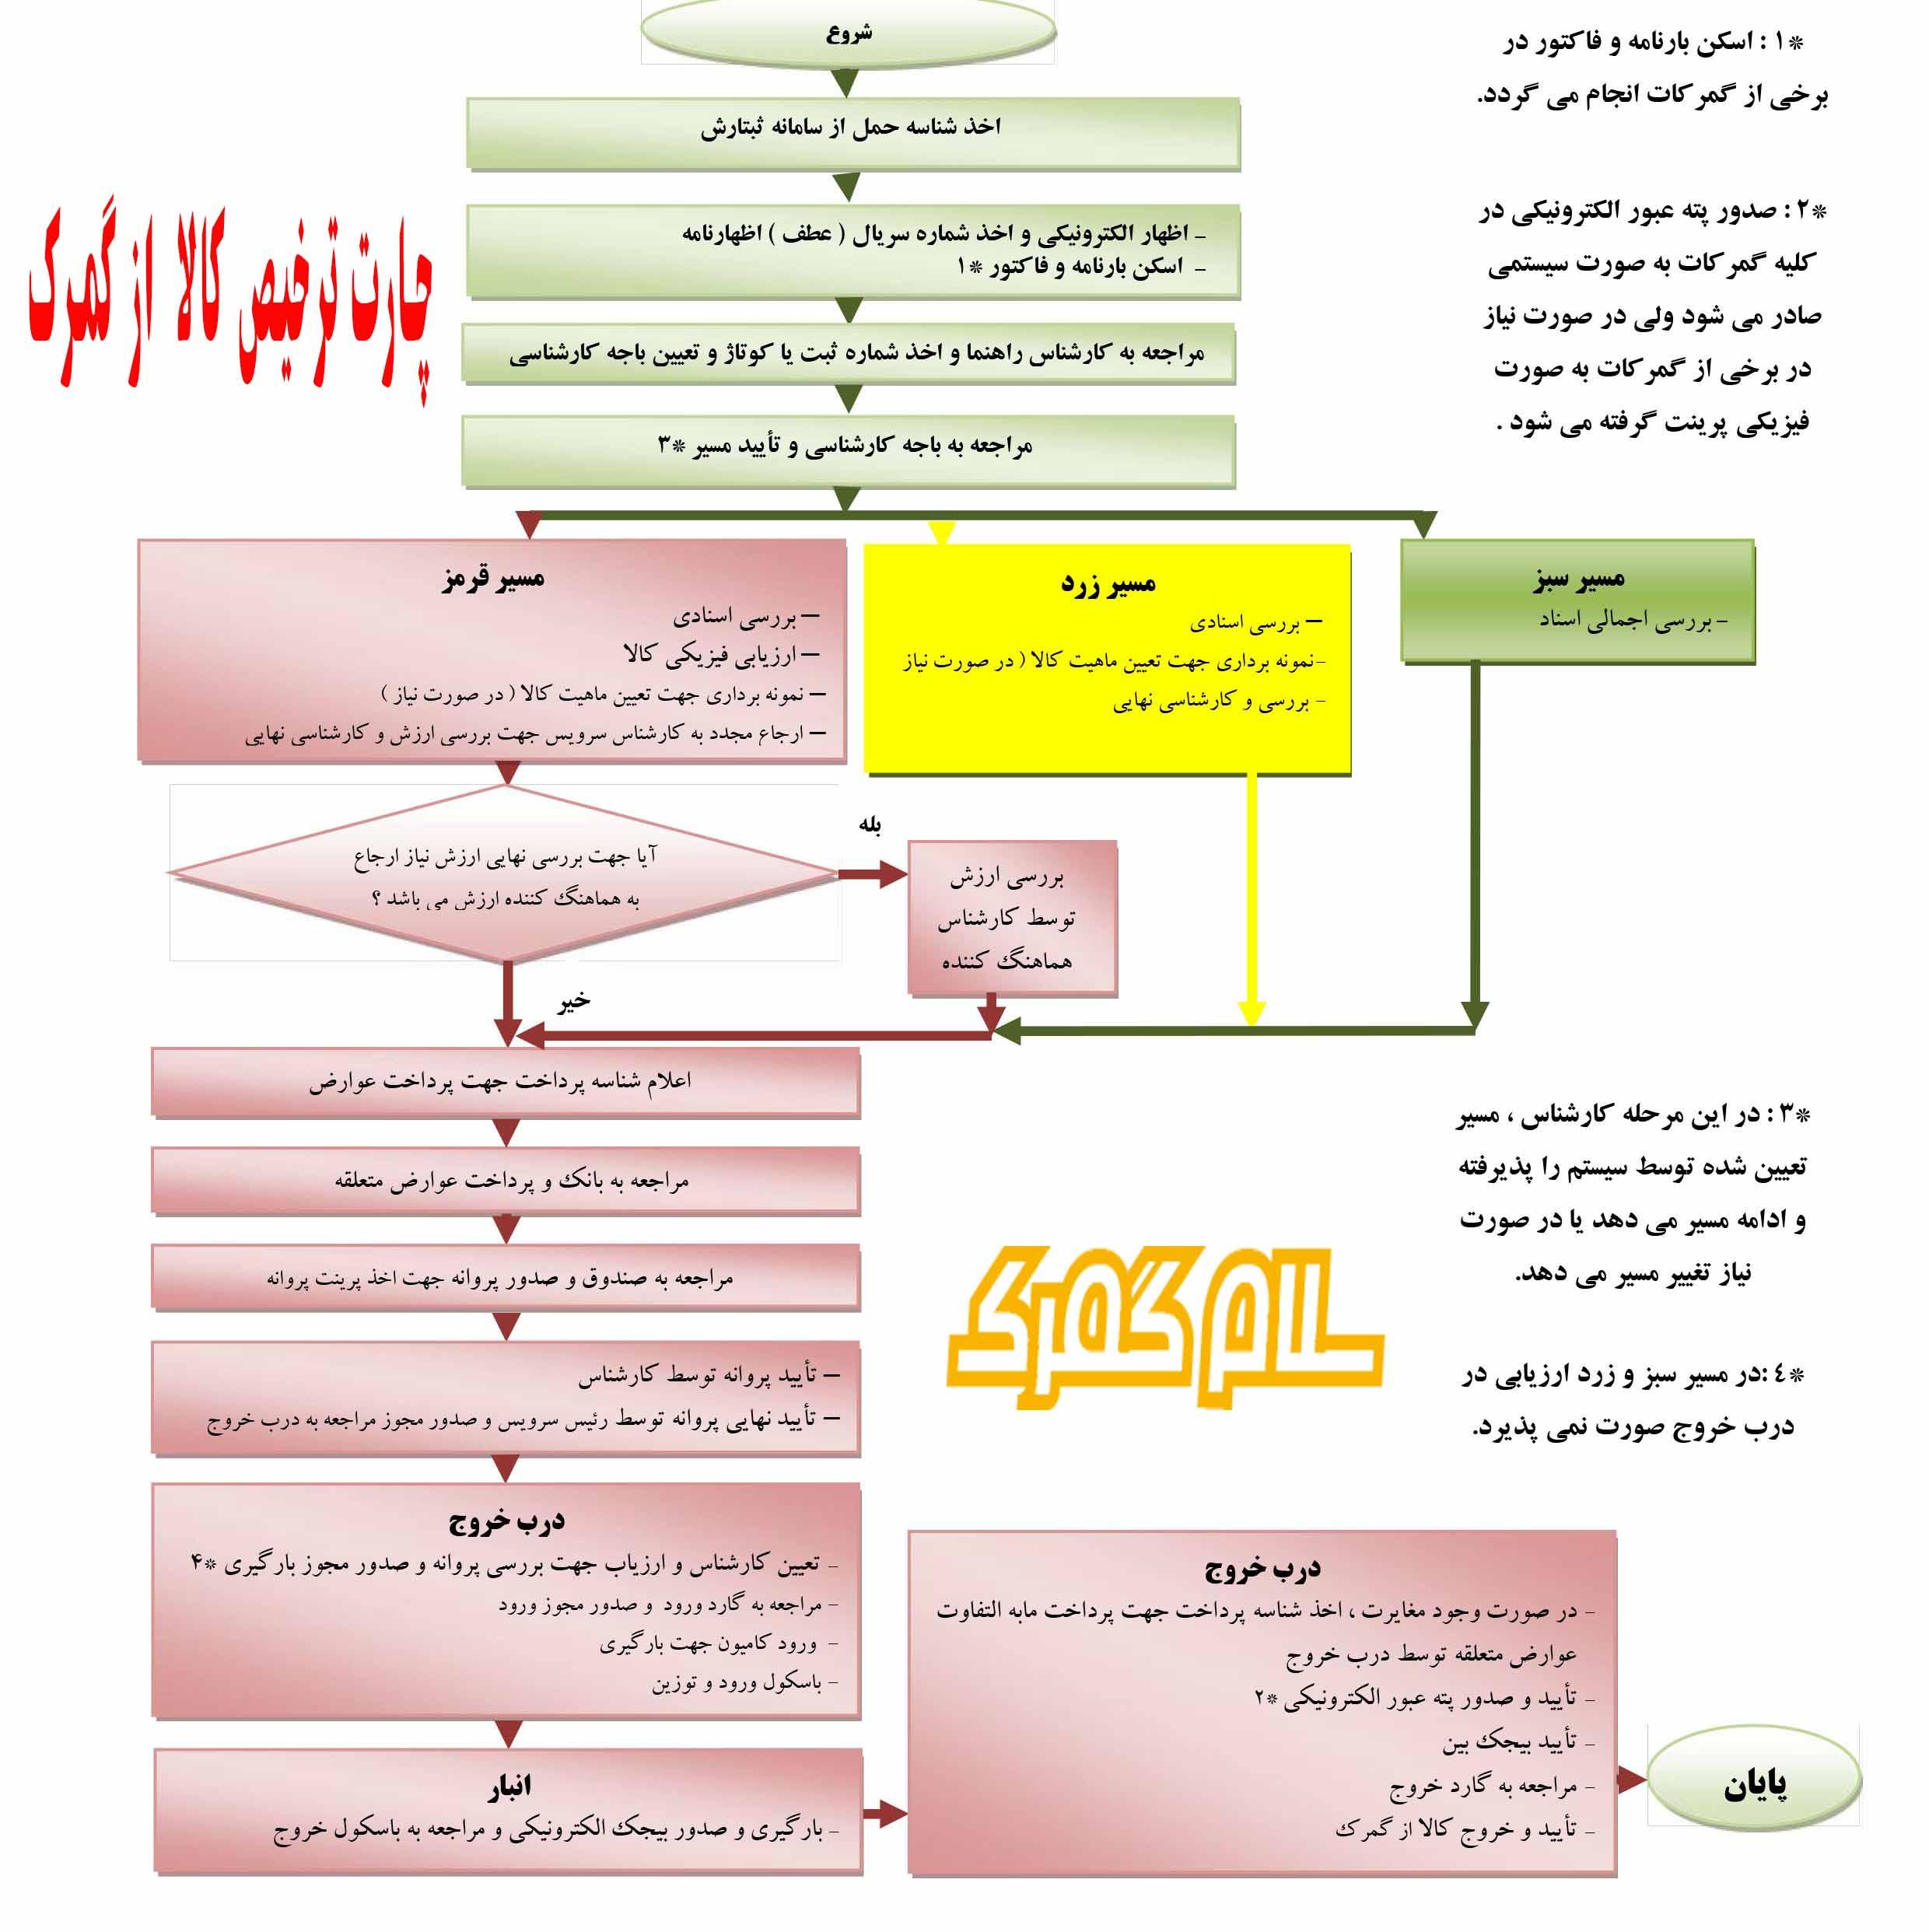 چارت مراحل ترخیص کالا از گمرک